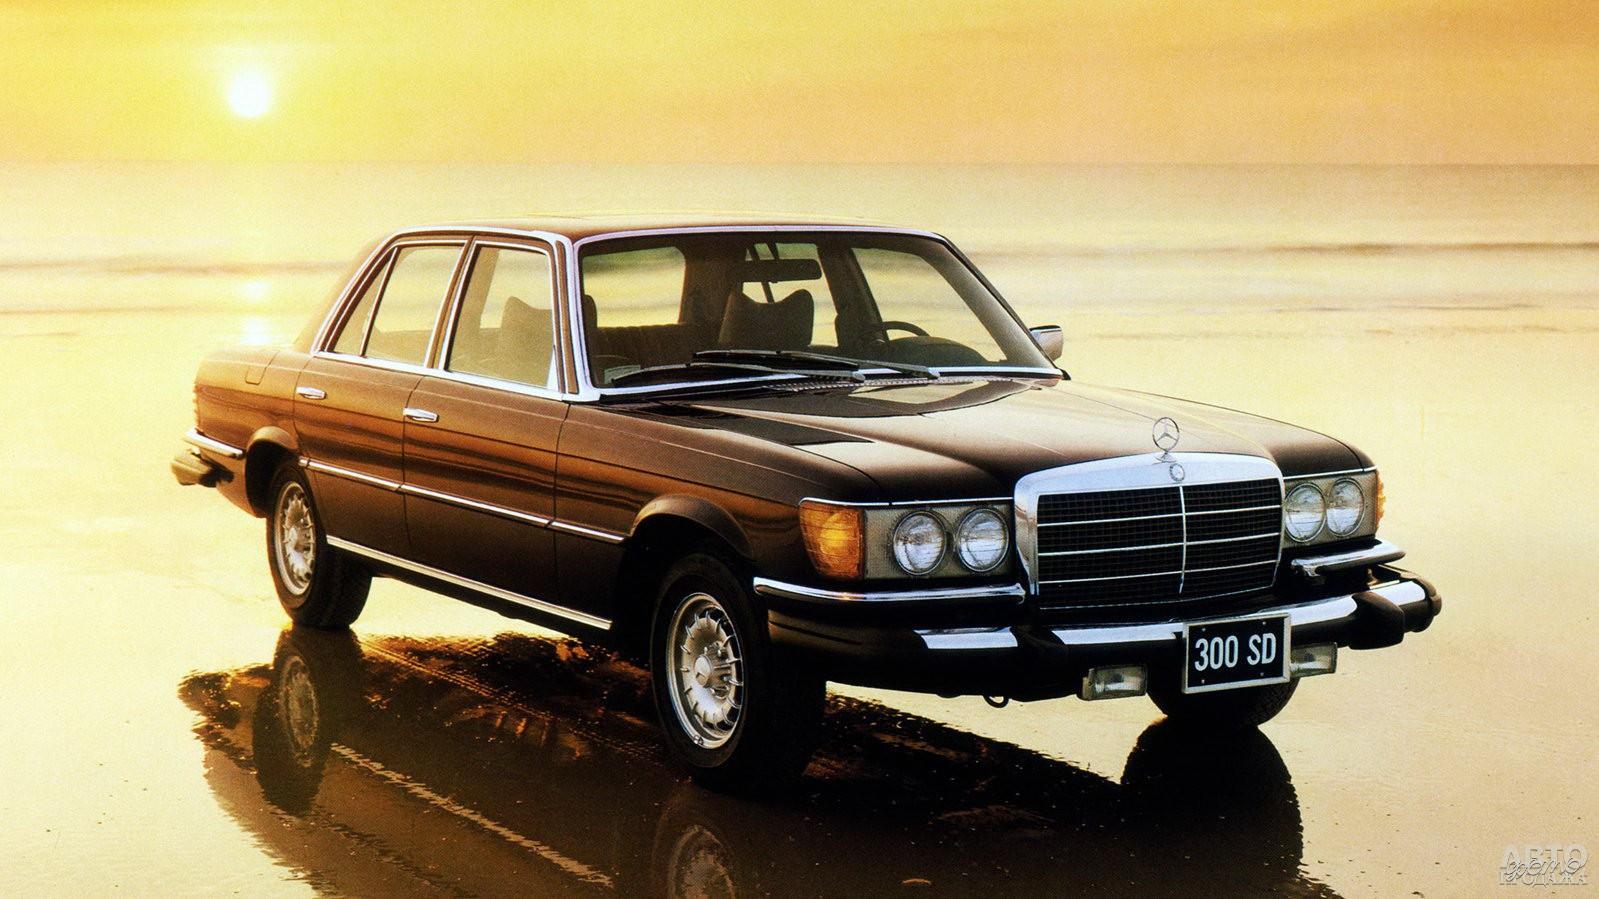 Первый дизельный S-Class – Mеrcedes-Benz 300 SD 1977 года